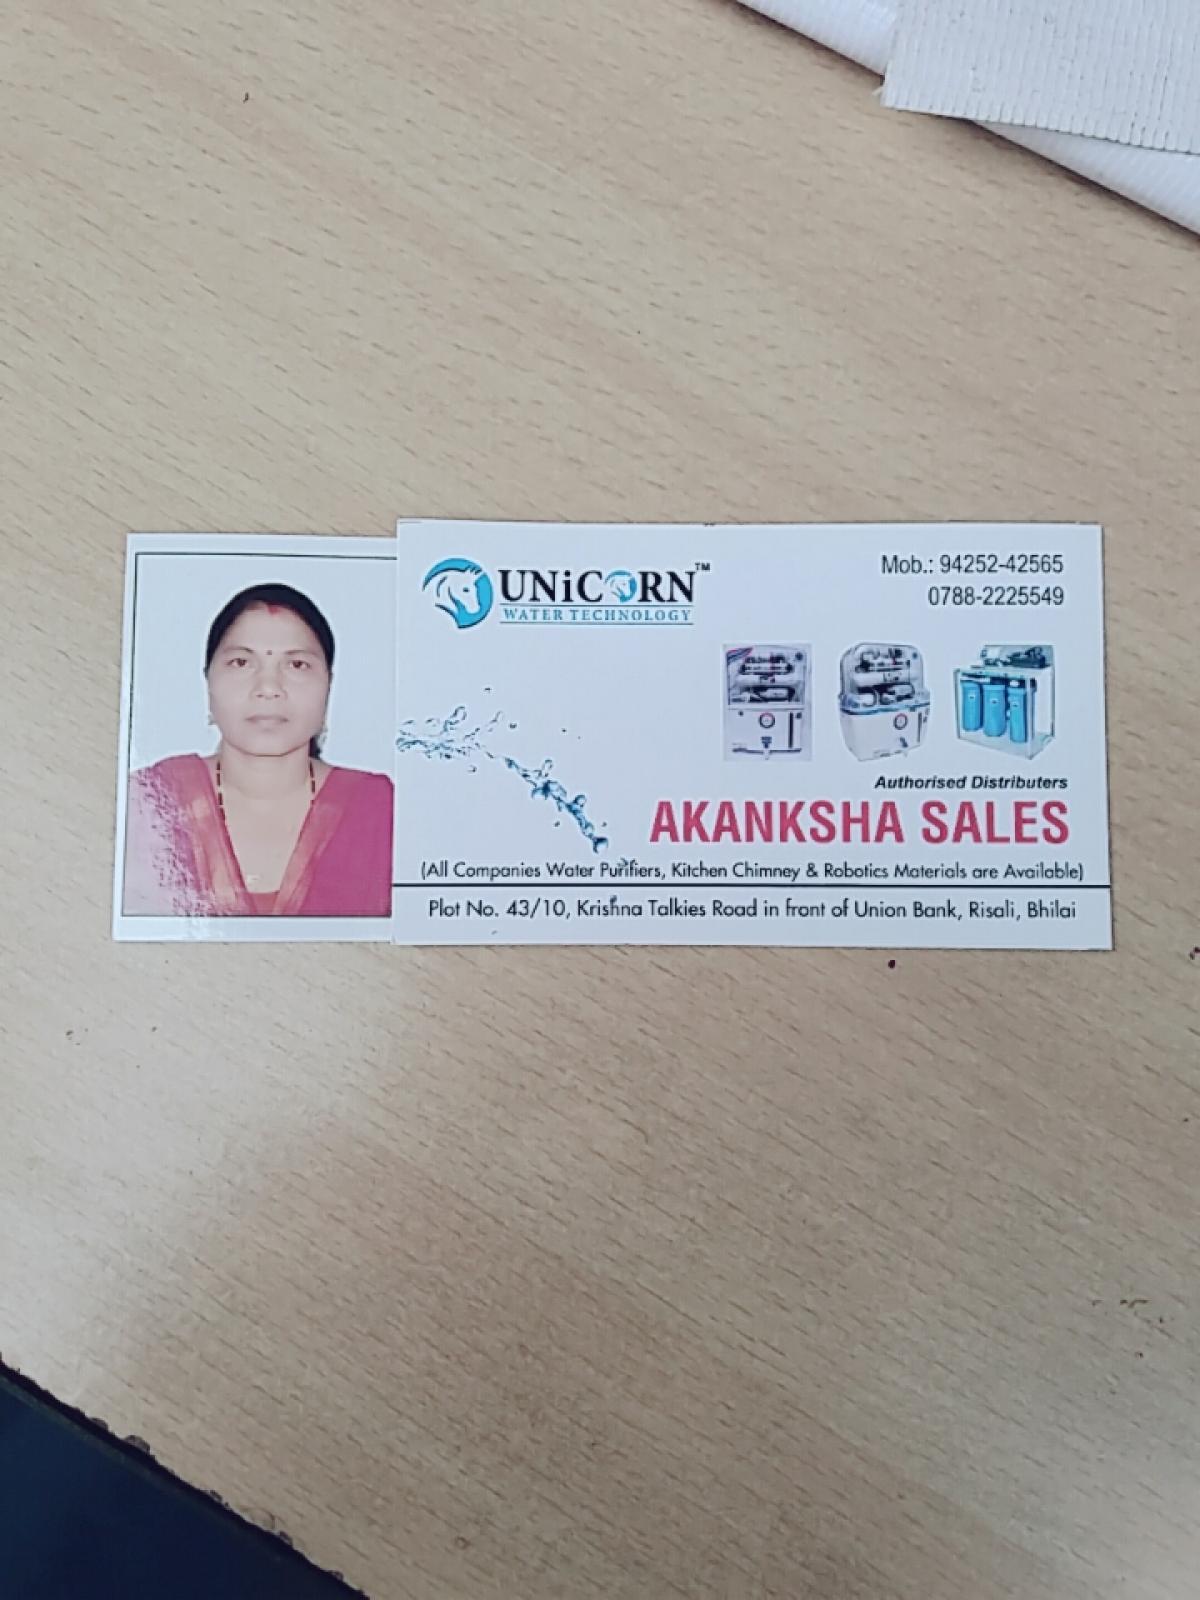 Akanksha Sales